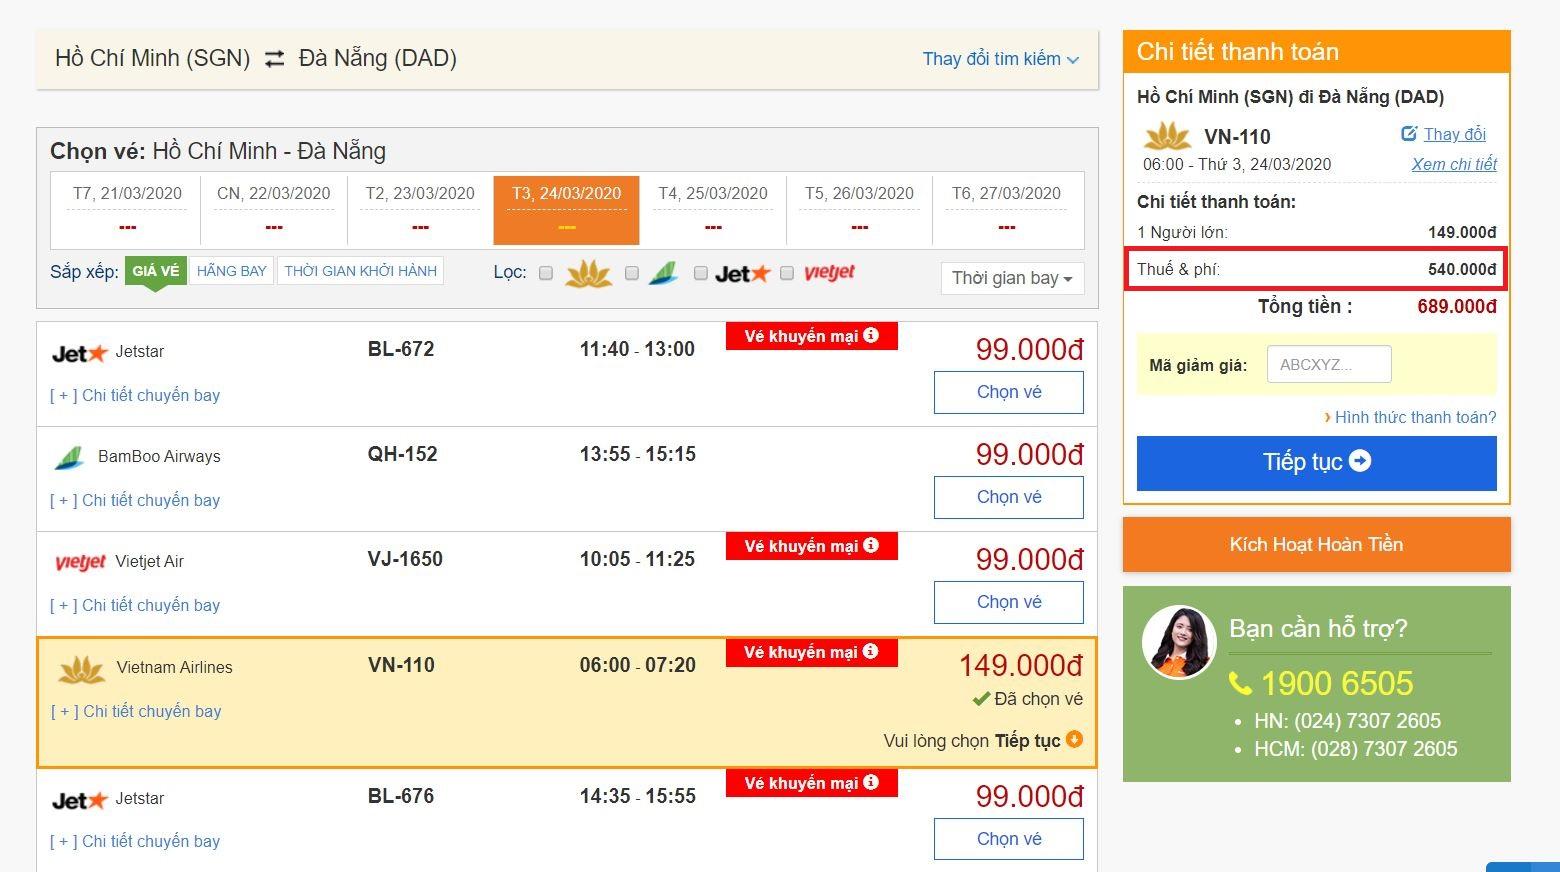 Thuế, phí khi đi máy bay của Vietnam Airlines